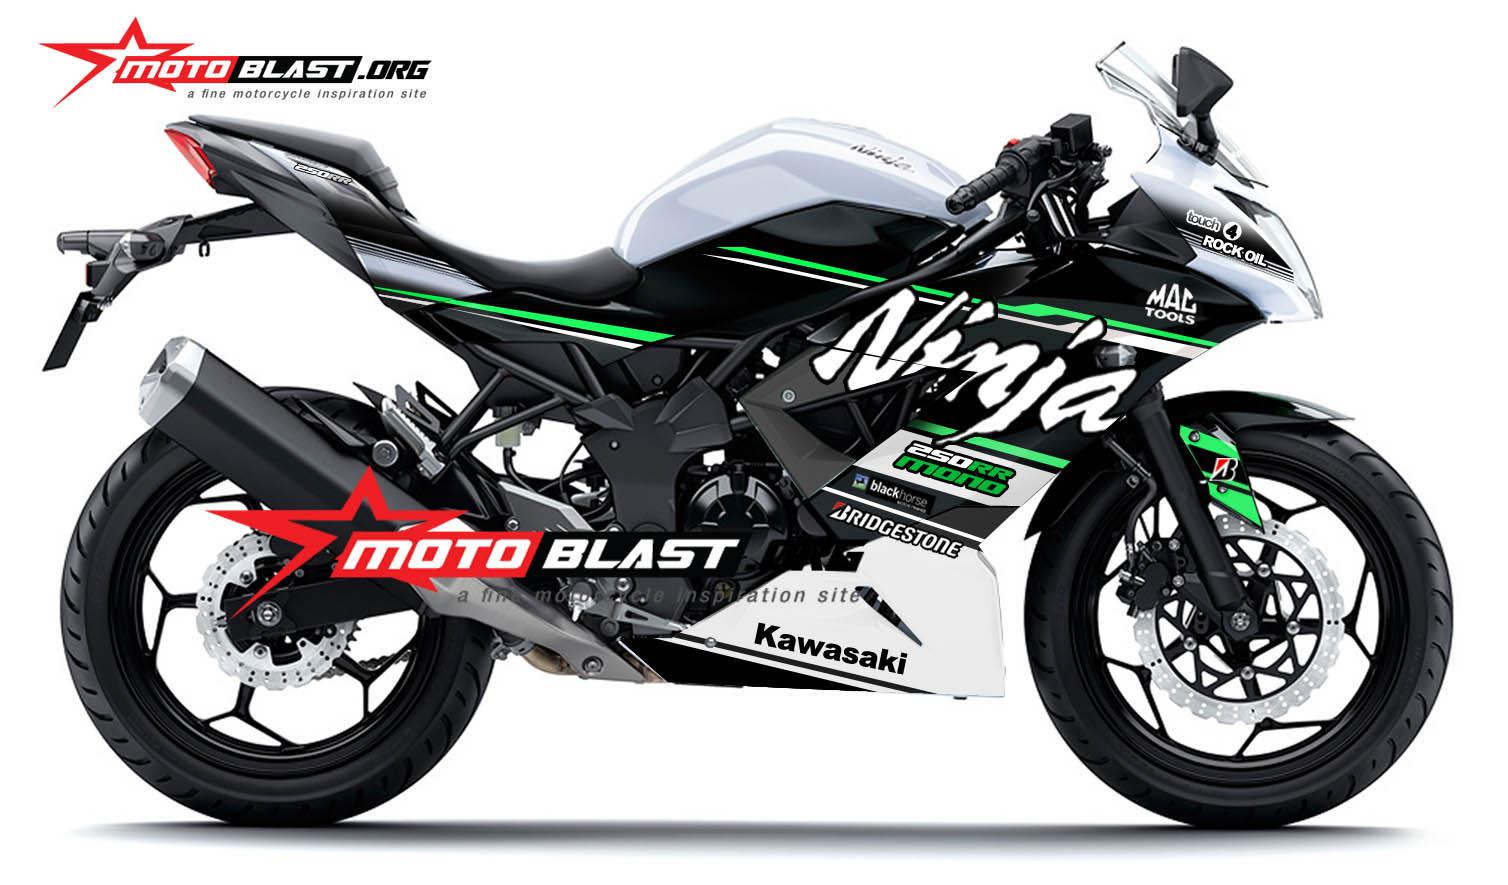 Grafis Inspirasi Modif Striping Kawasaki Ninja 250 RR MONO